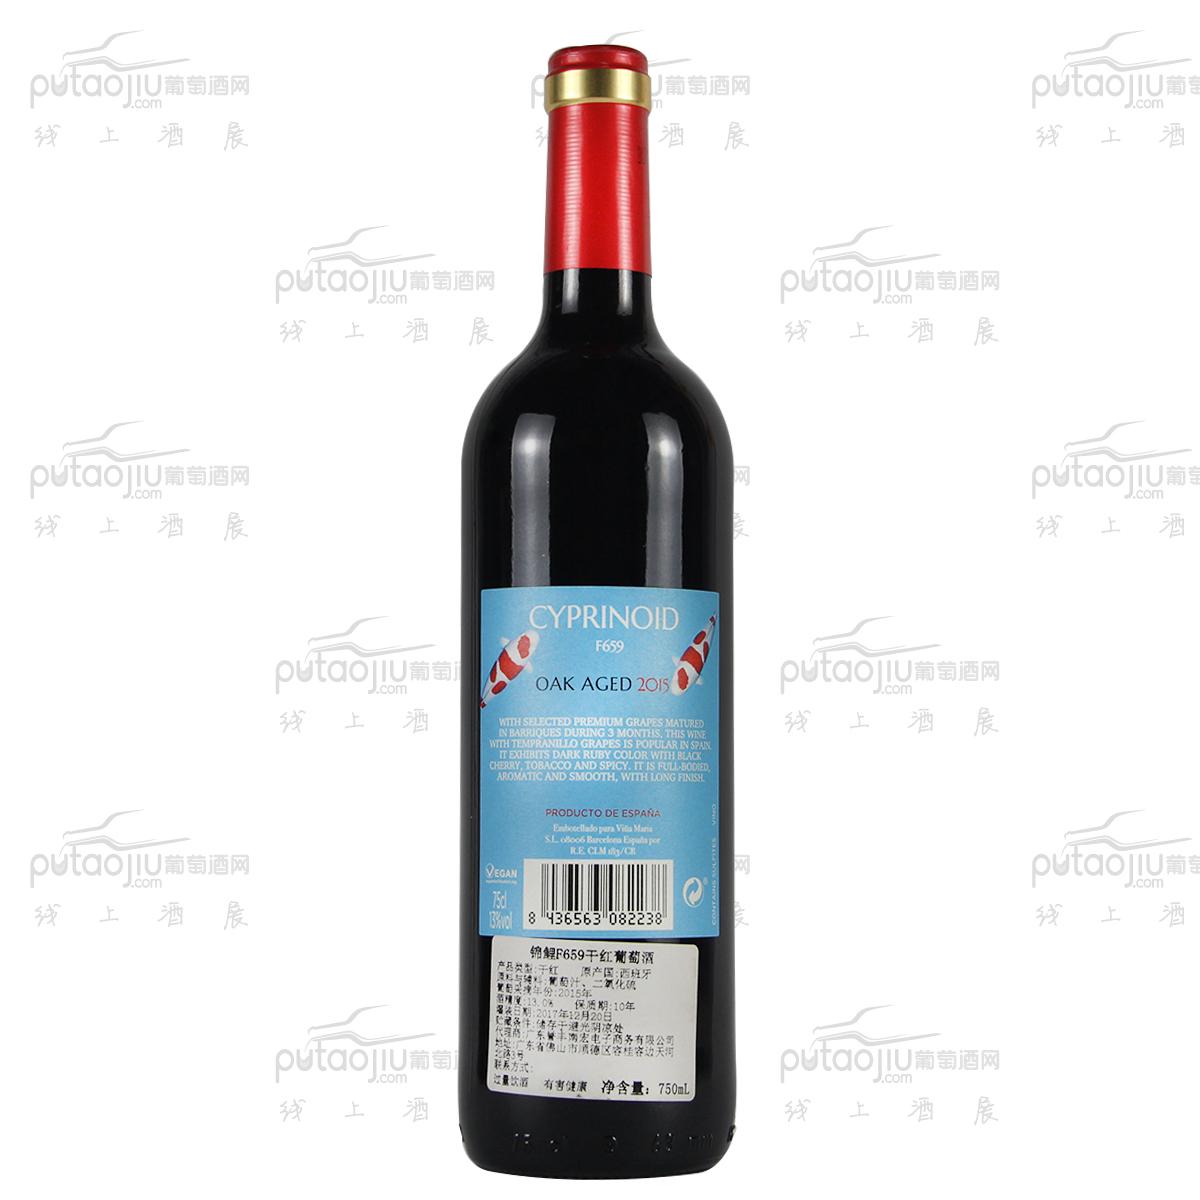 西班牙拉曼恰维拉玛利亚酒庄添普兰尼洛锦鲤F659干红葡萄酒